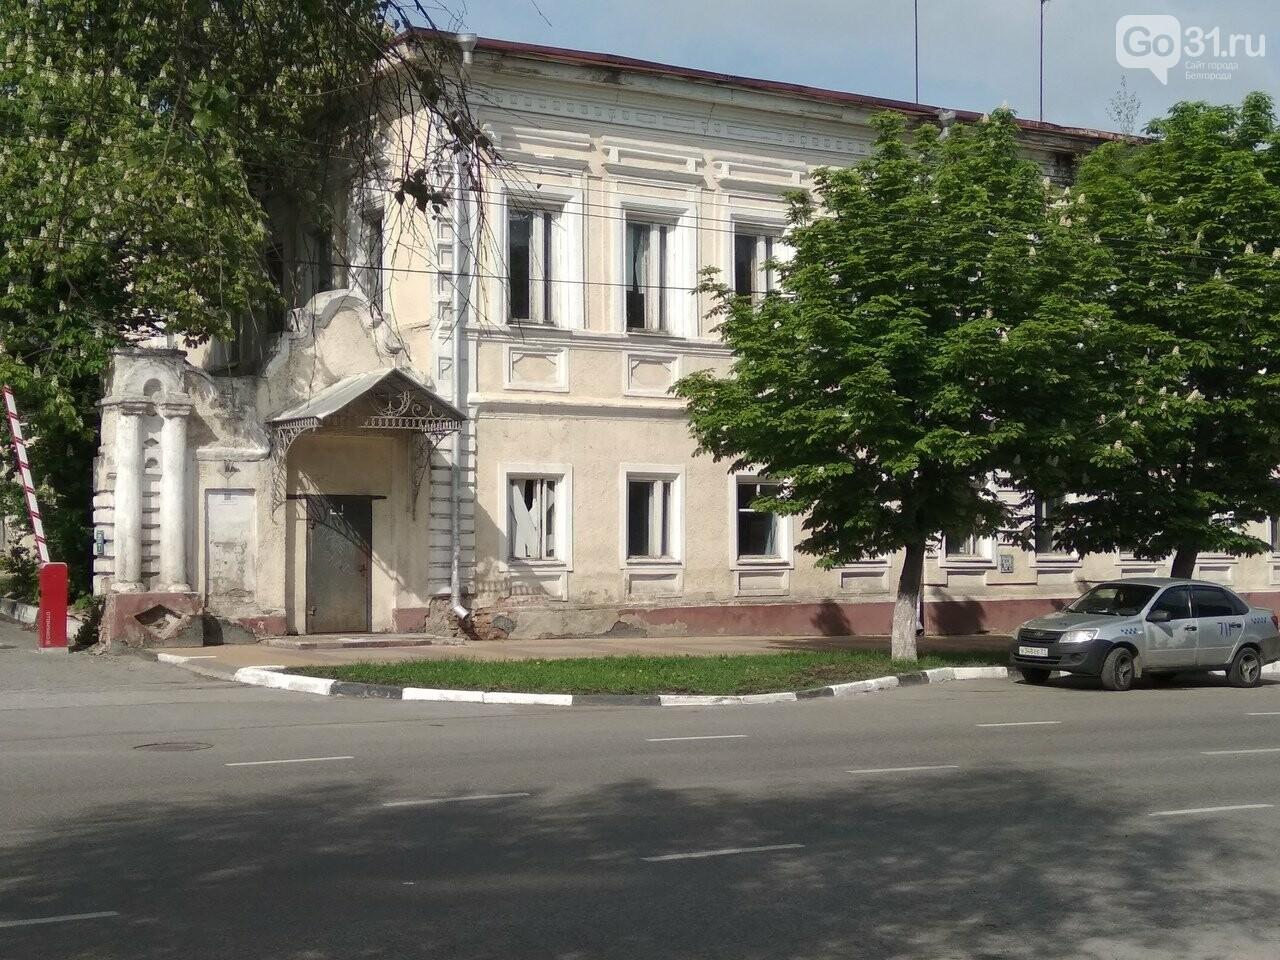 В Белгороде ищут инвестора для реставрации здания женской гимназии Коротковой, фото-1